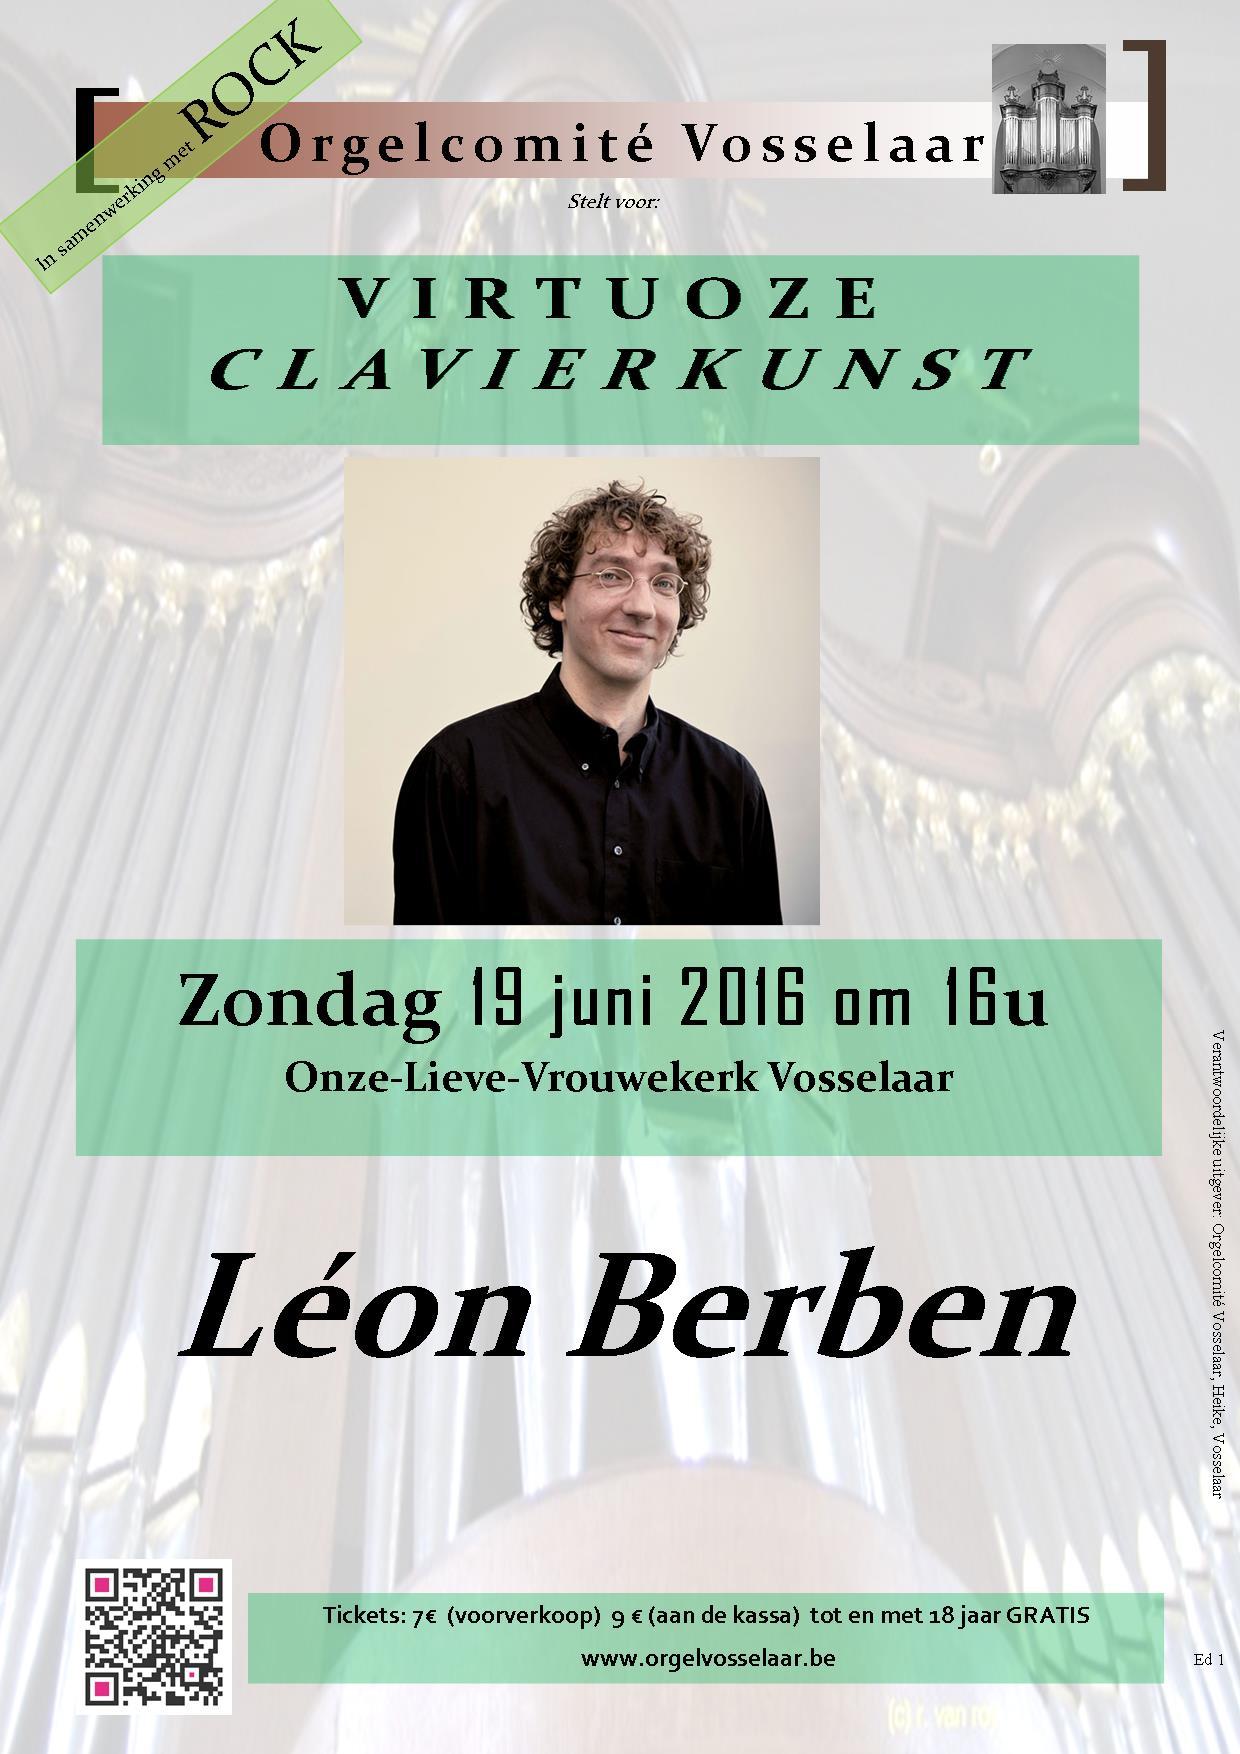 Virtuoze Clavierkunst